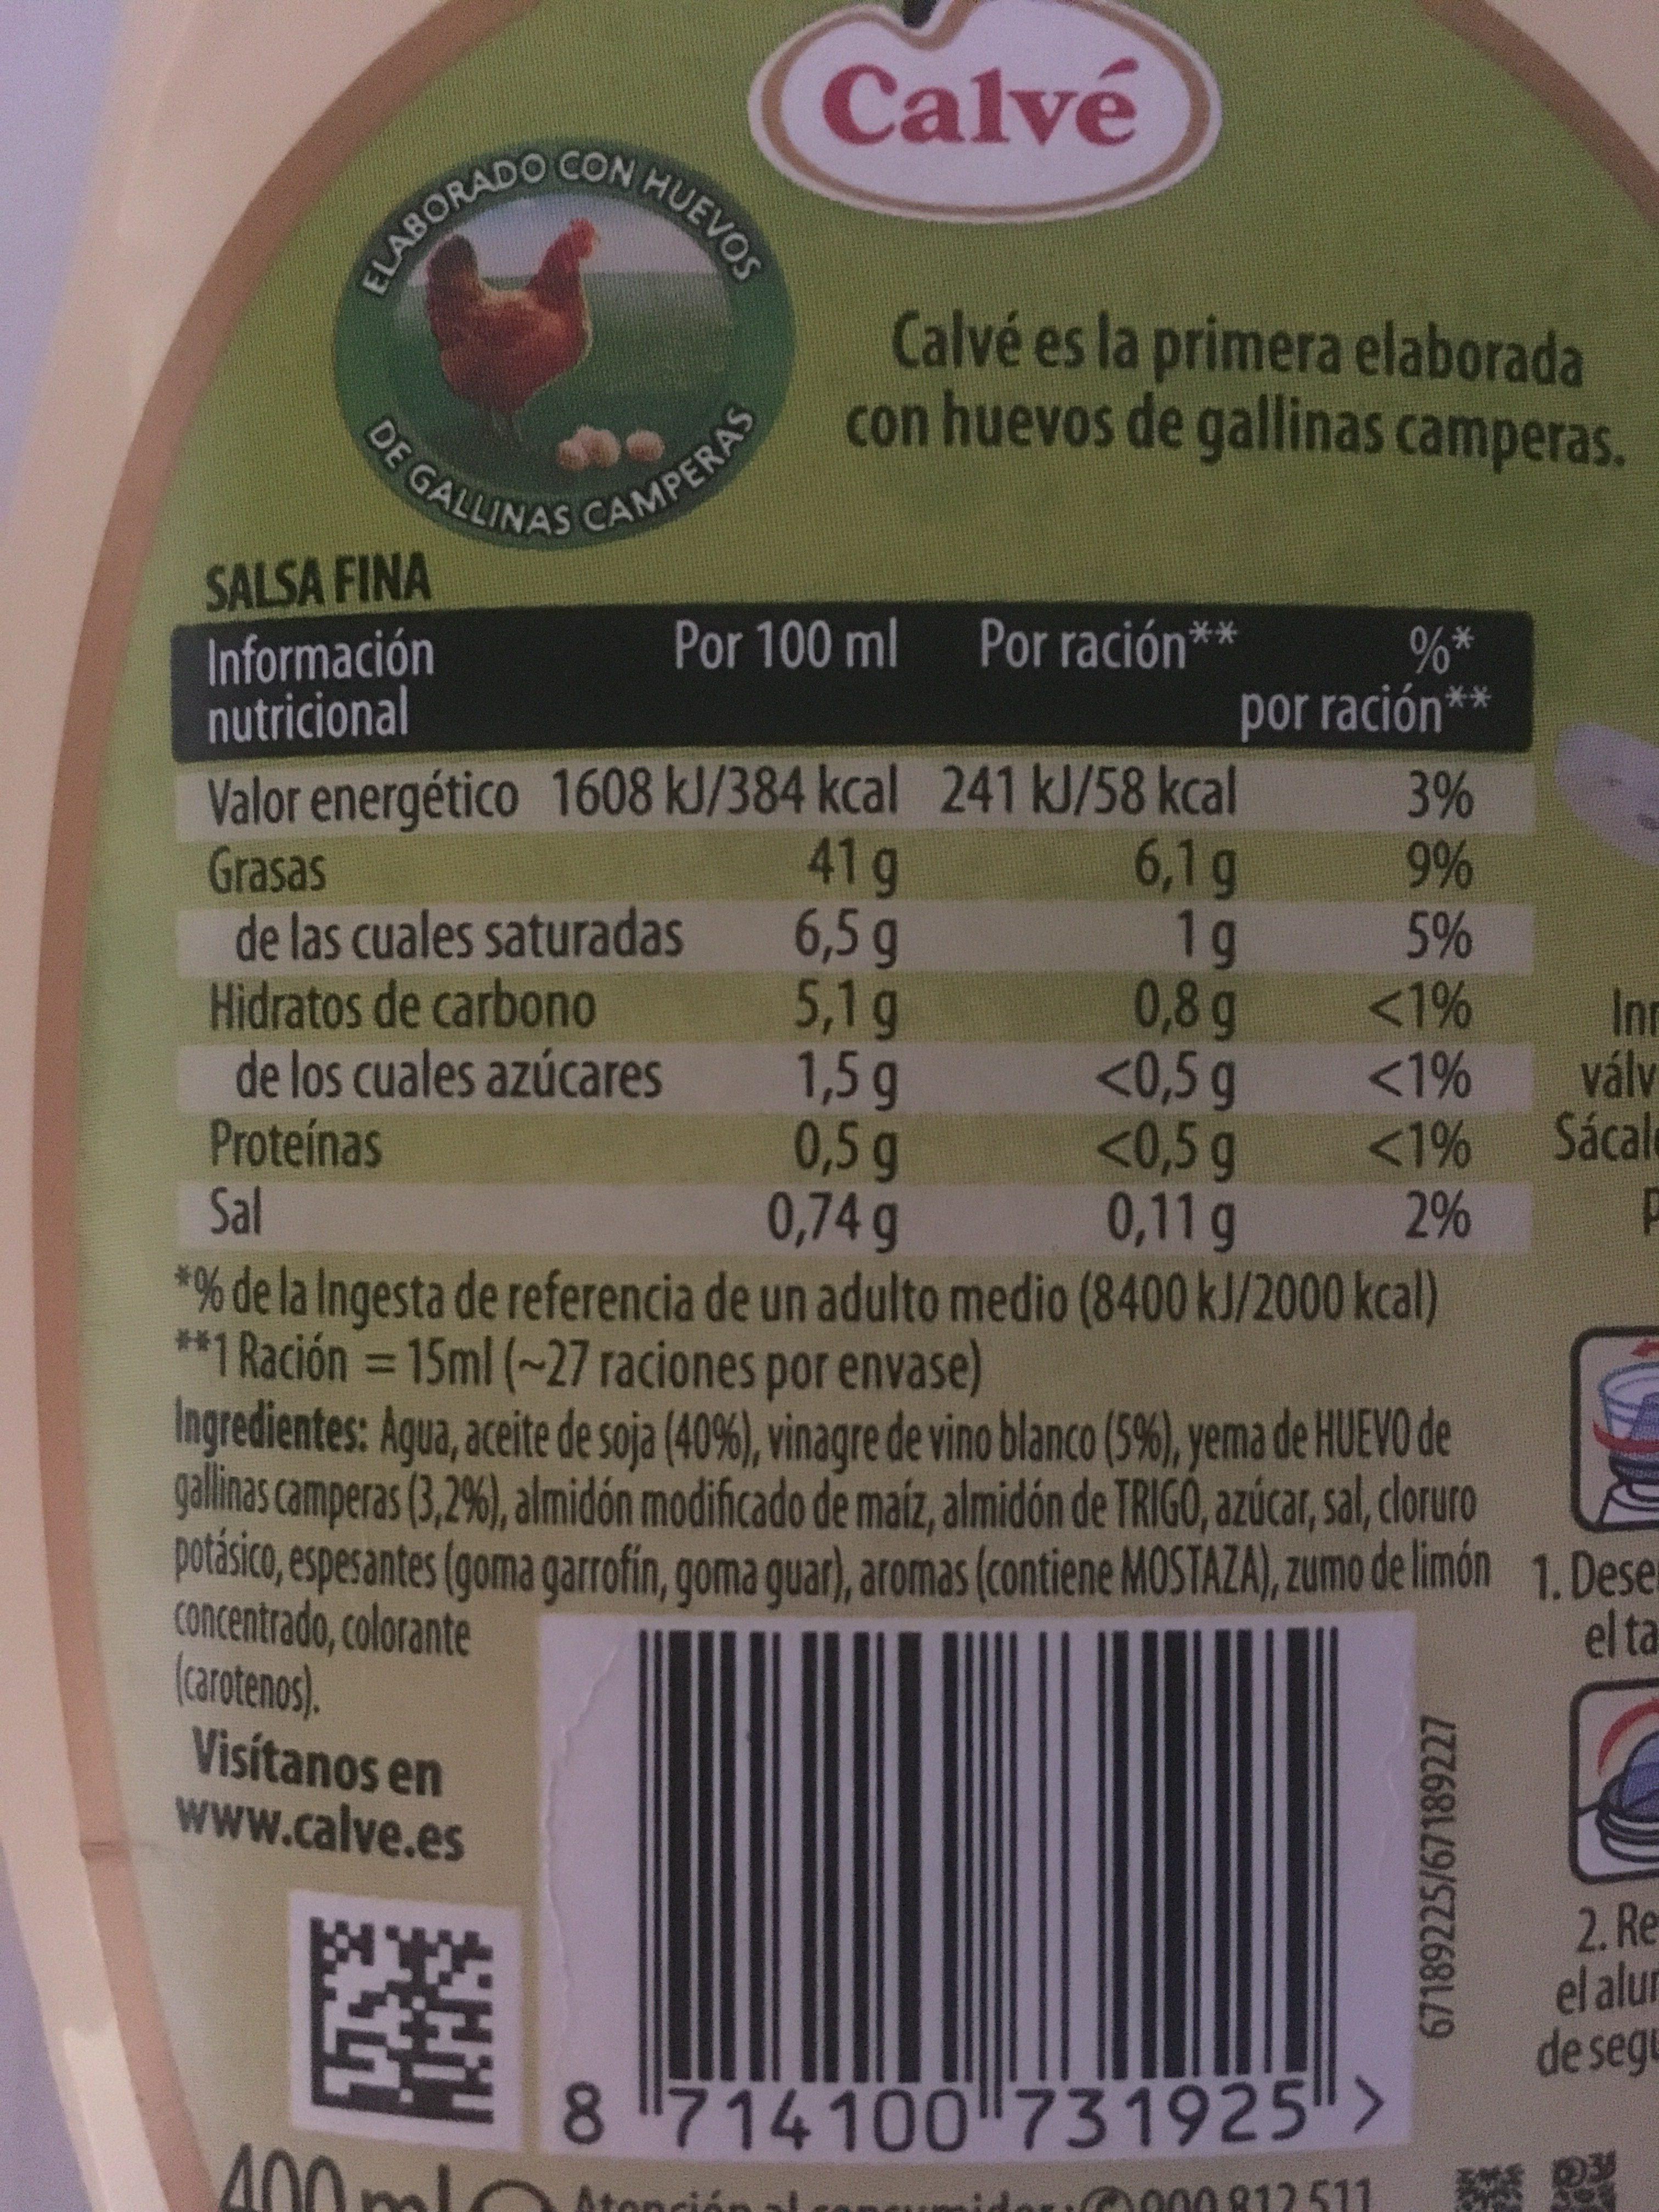 Calvé Sabor Casero - Ingrédients - es